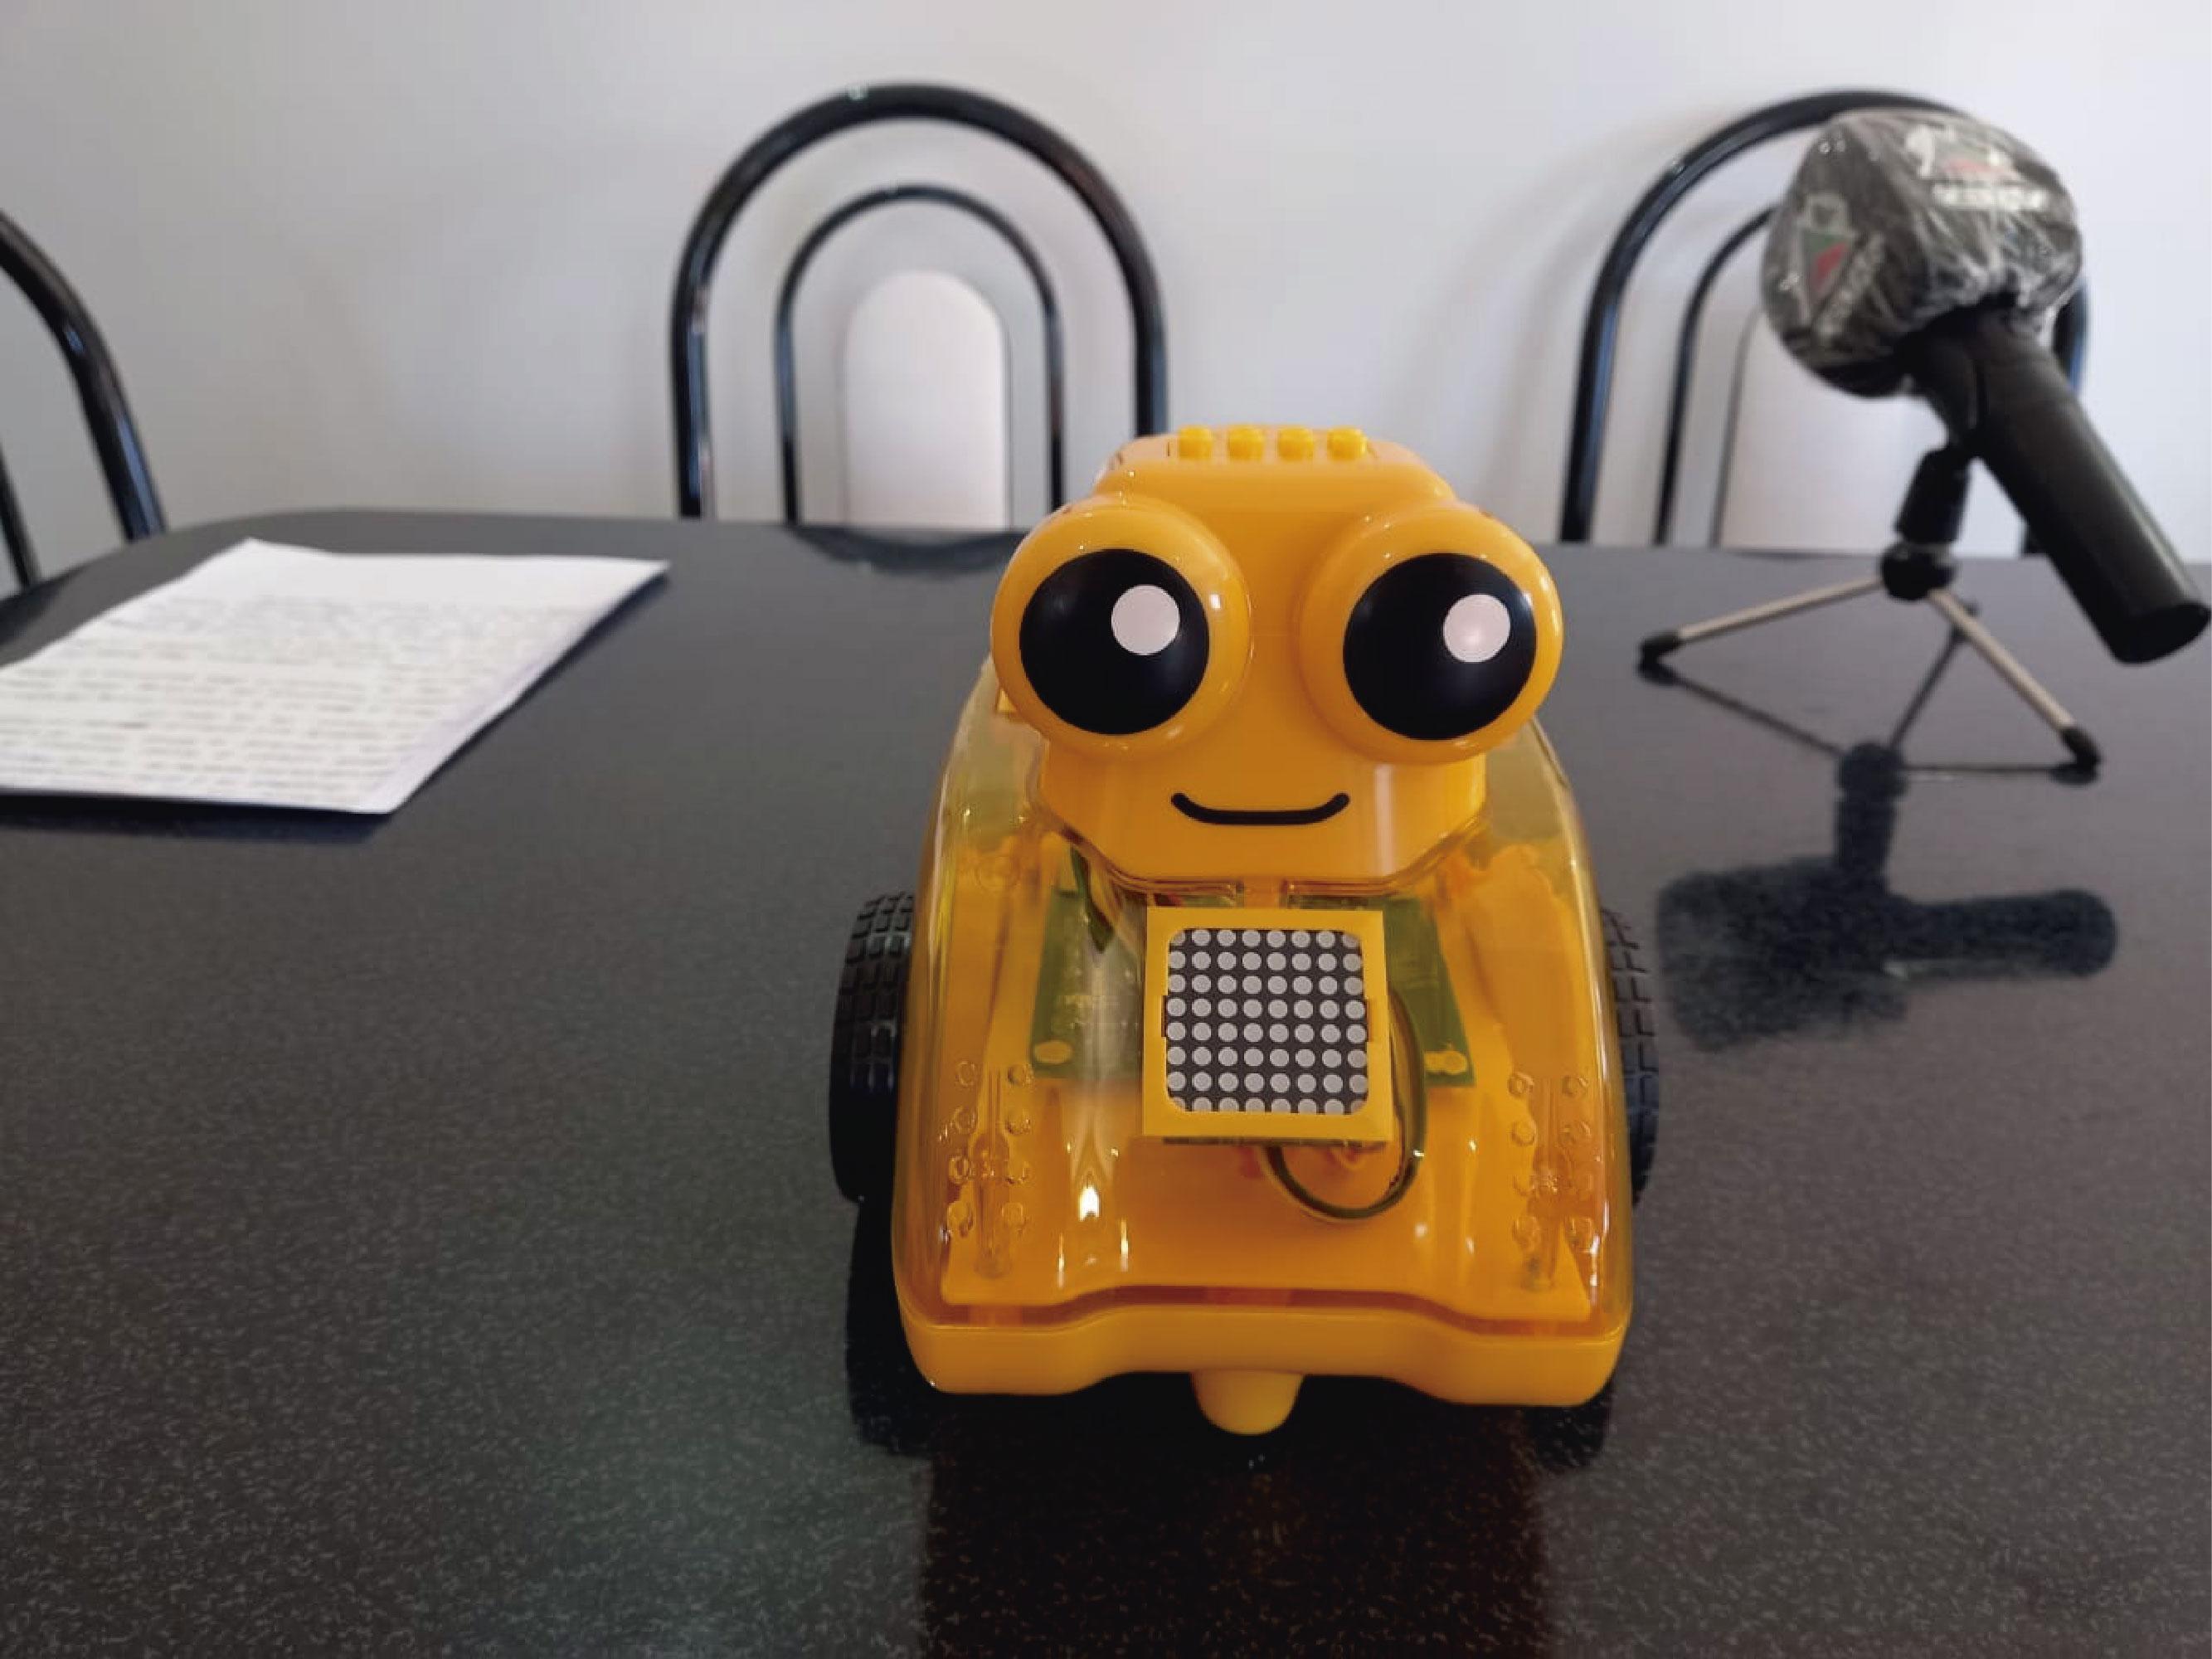 Diputado Pablo Garate presentó un proyecto de robótica educativa para las escuelas del distrito